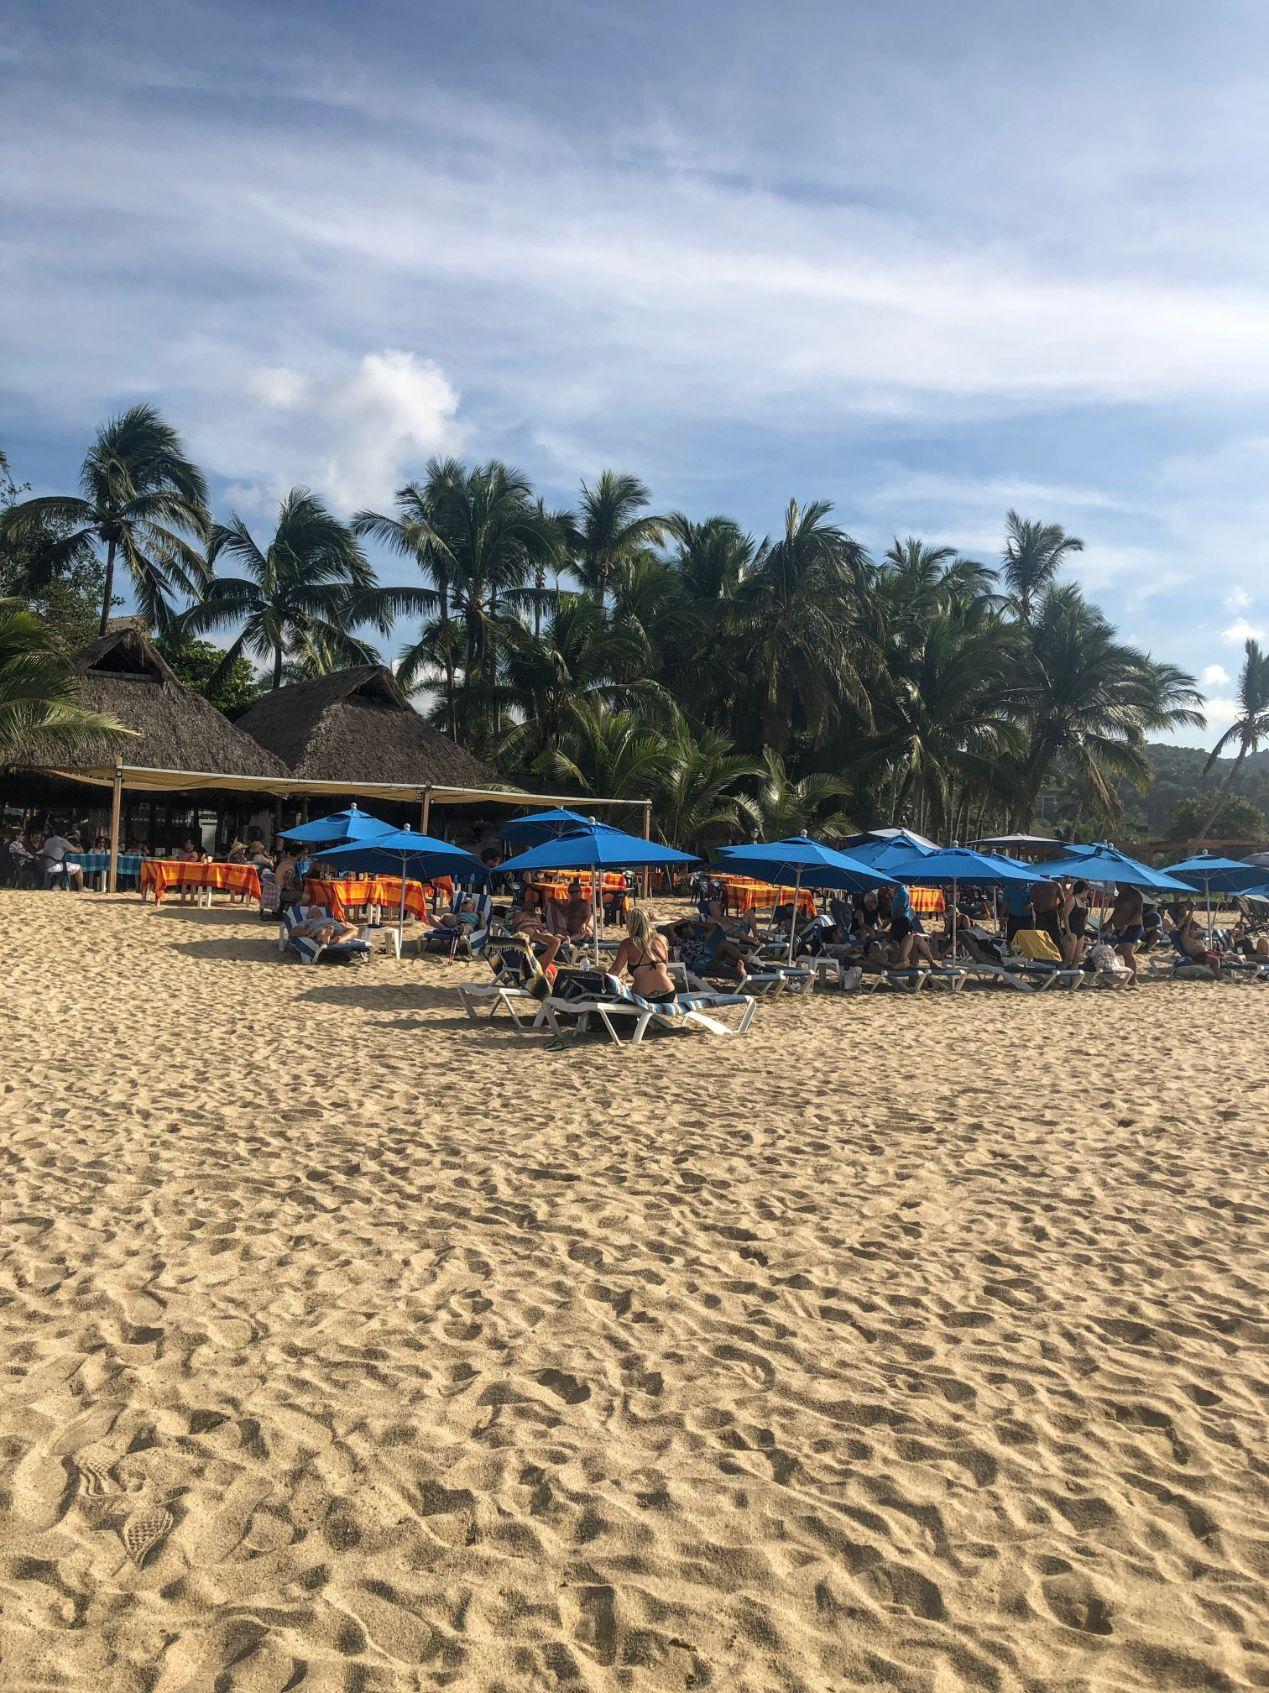 San Pancho beach in Puerto Vallarta, Mexico